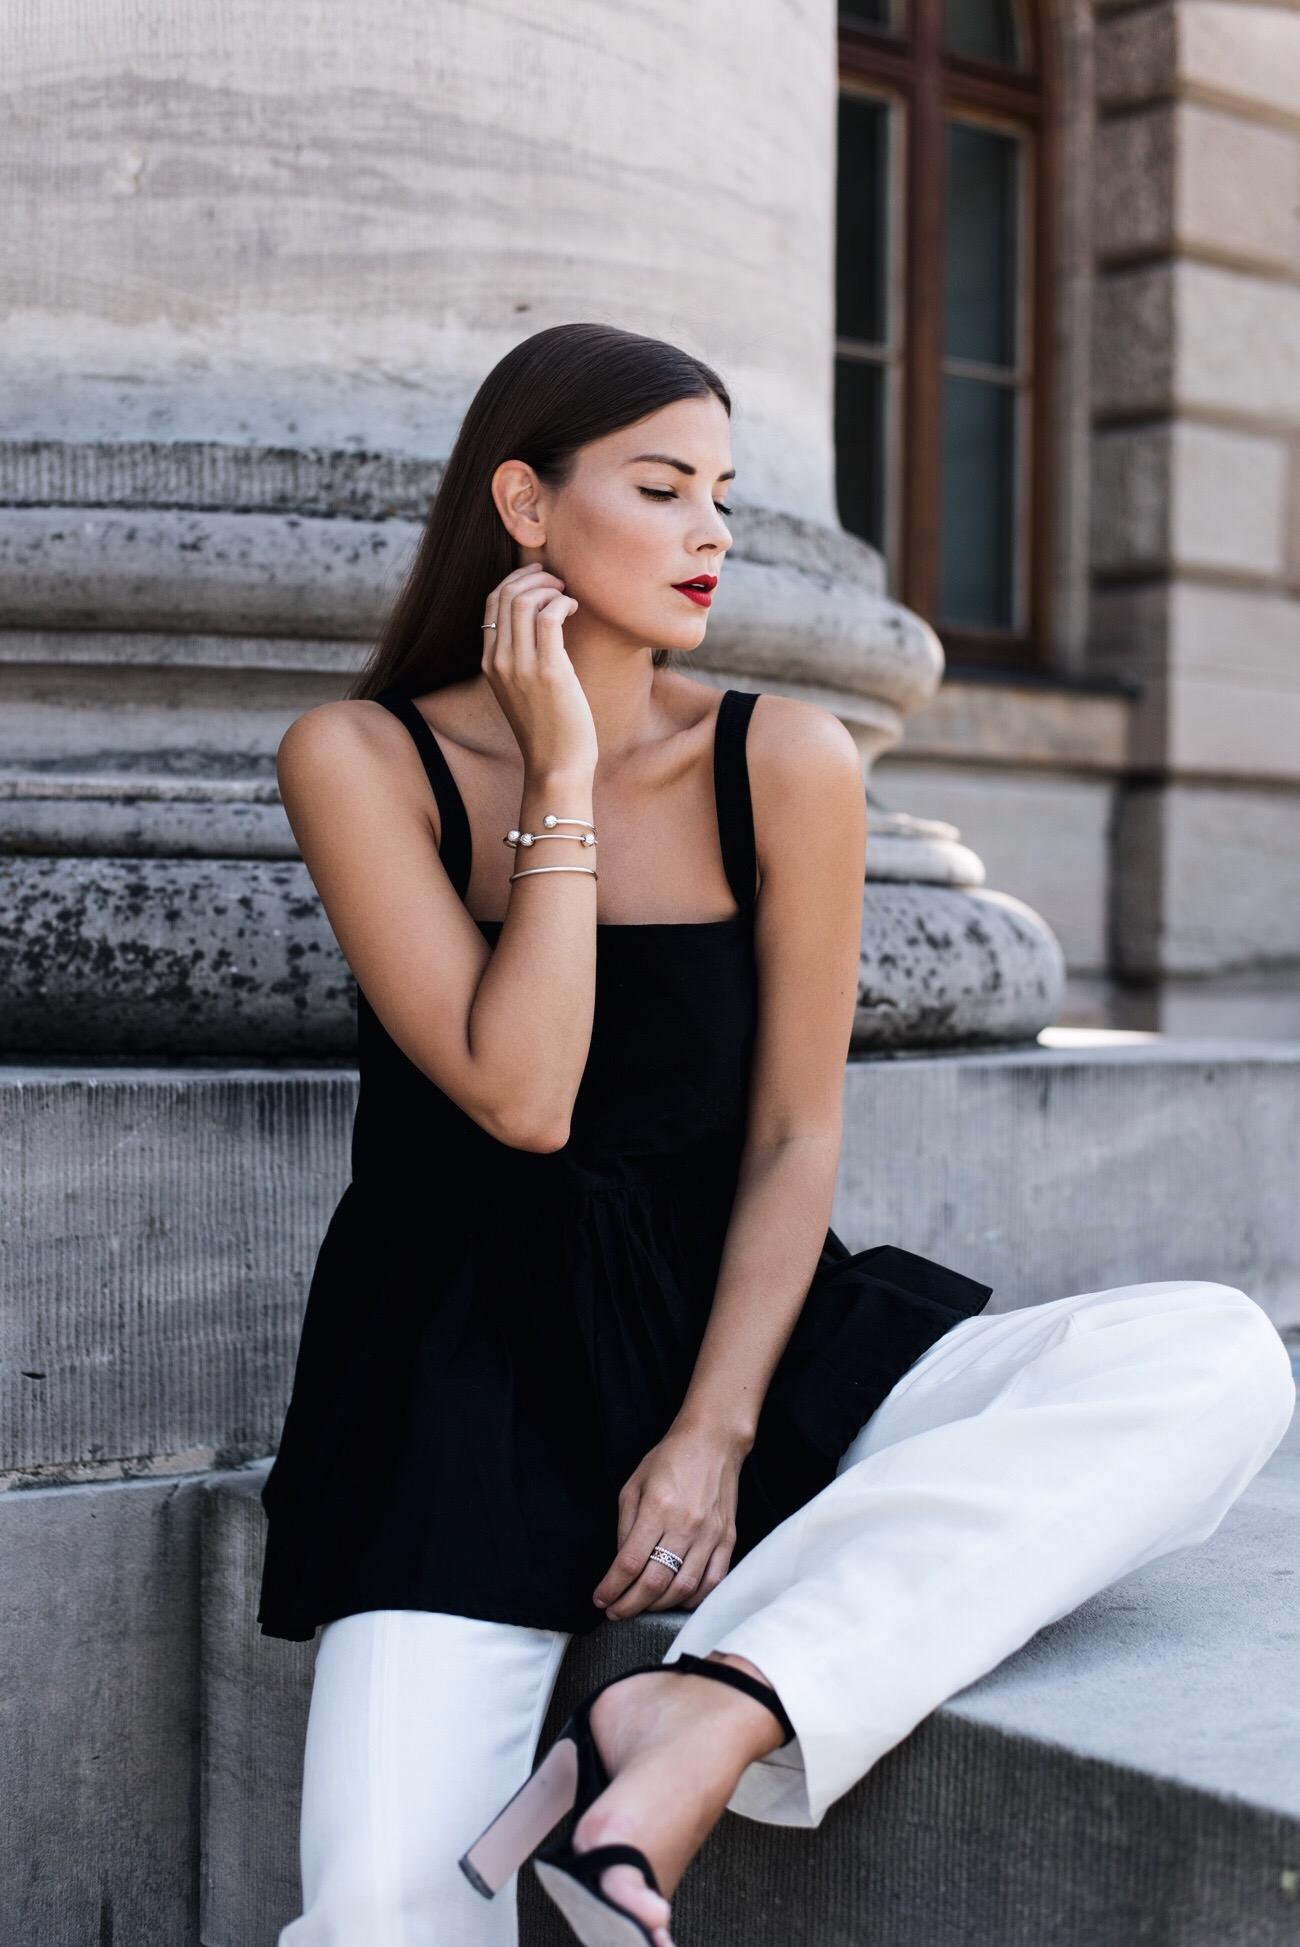 beauty-editorial-shooting-fashion-blogger-fashiioncarpet.jpg